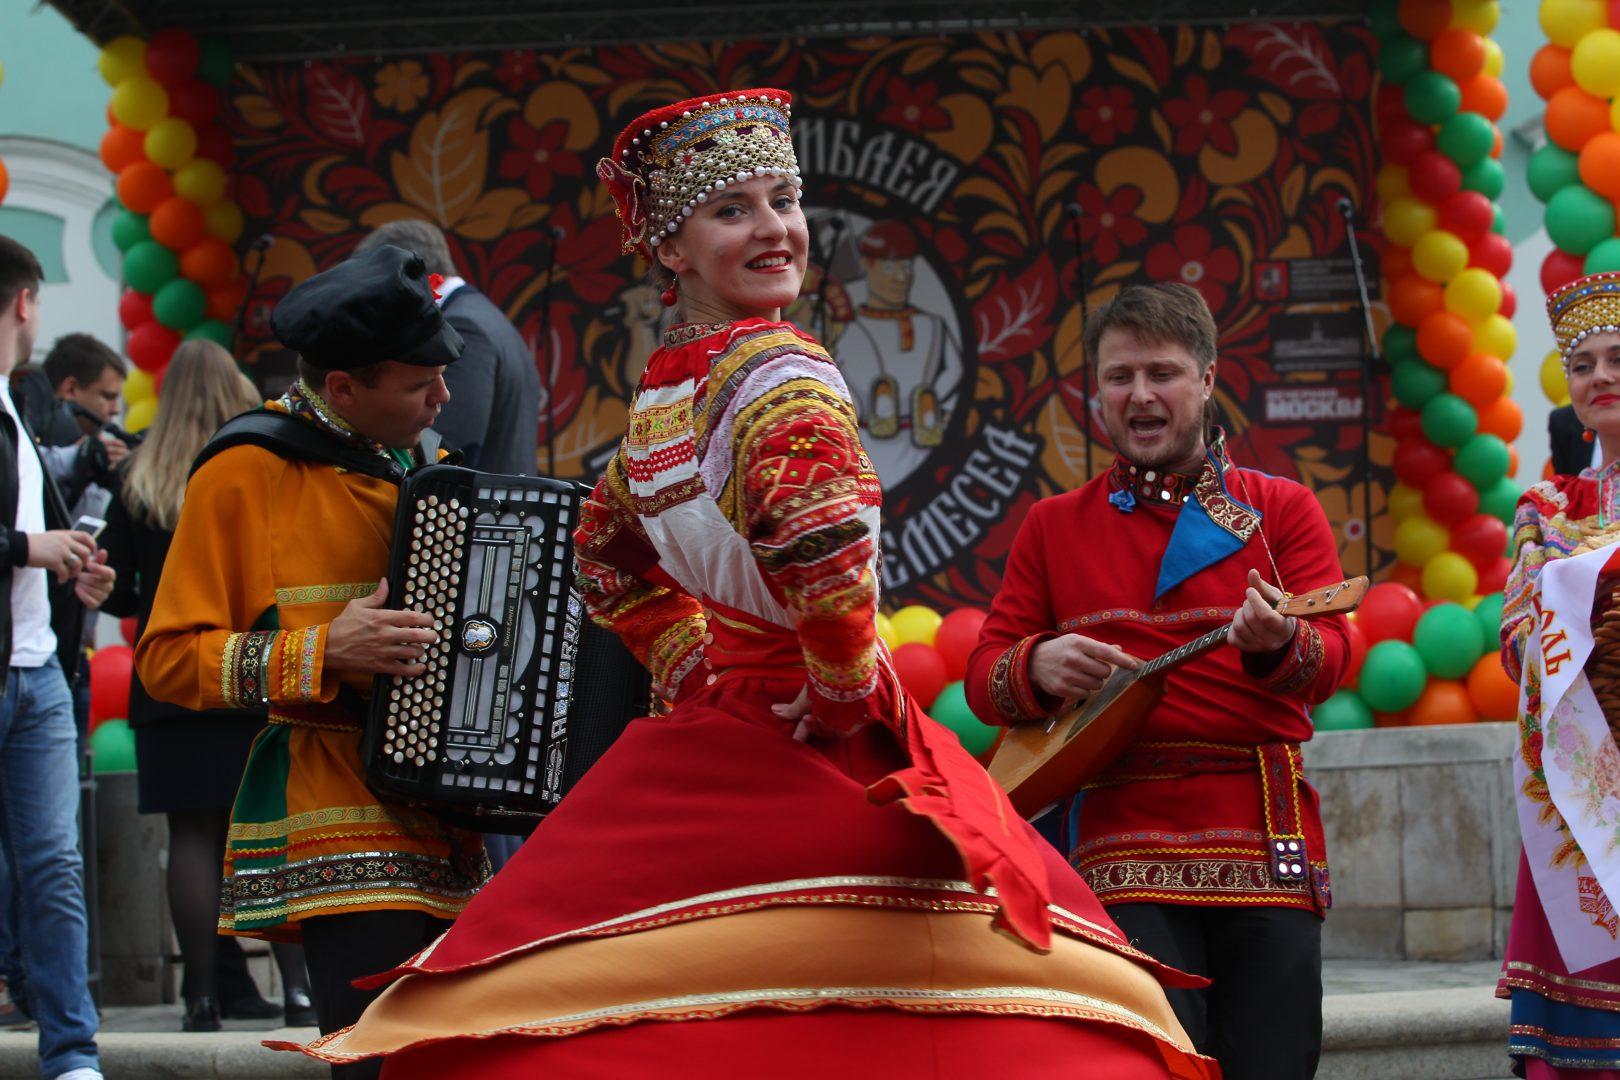 Семейный фестиваль проведут в Краснопахорском. Фото: Антон Гердо, «Вечерняя Москва»